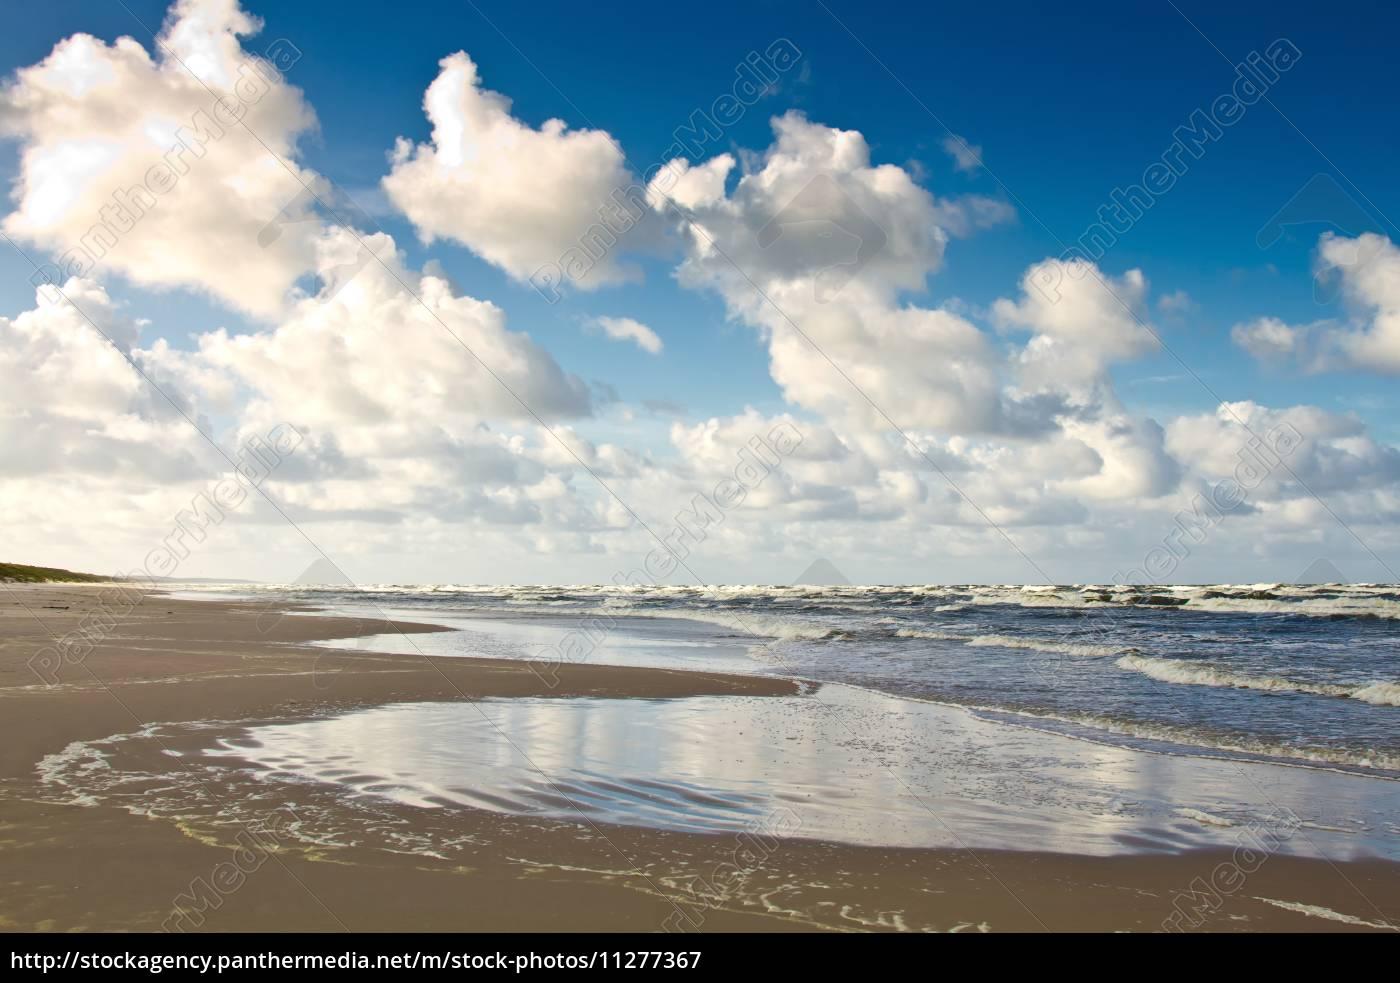 playa, de, arena, en, el, mar - 11277367